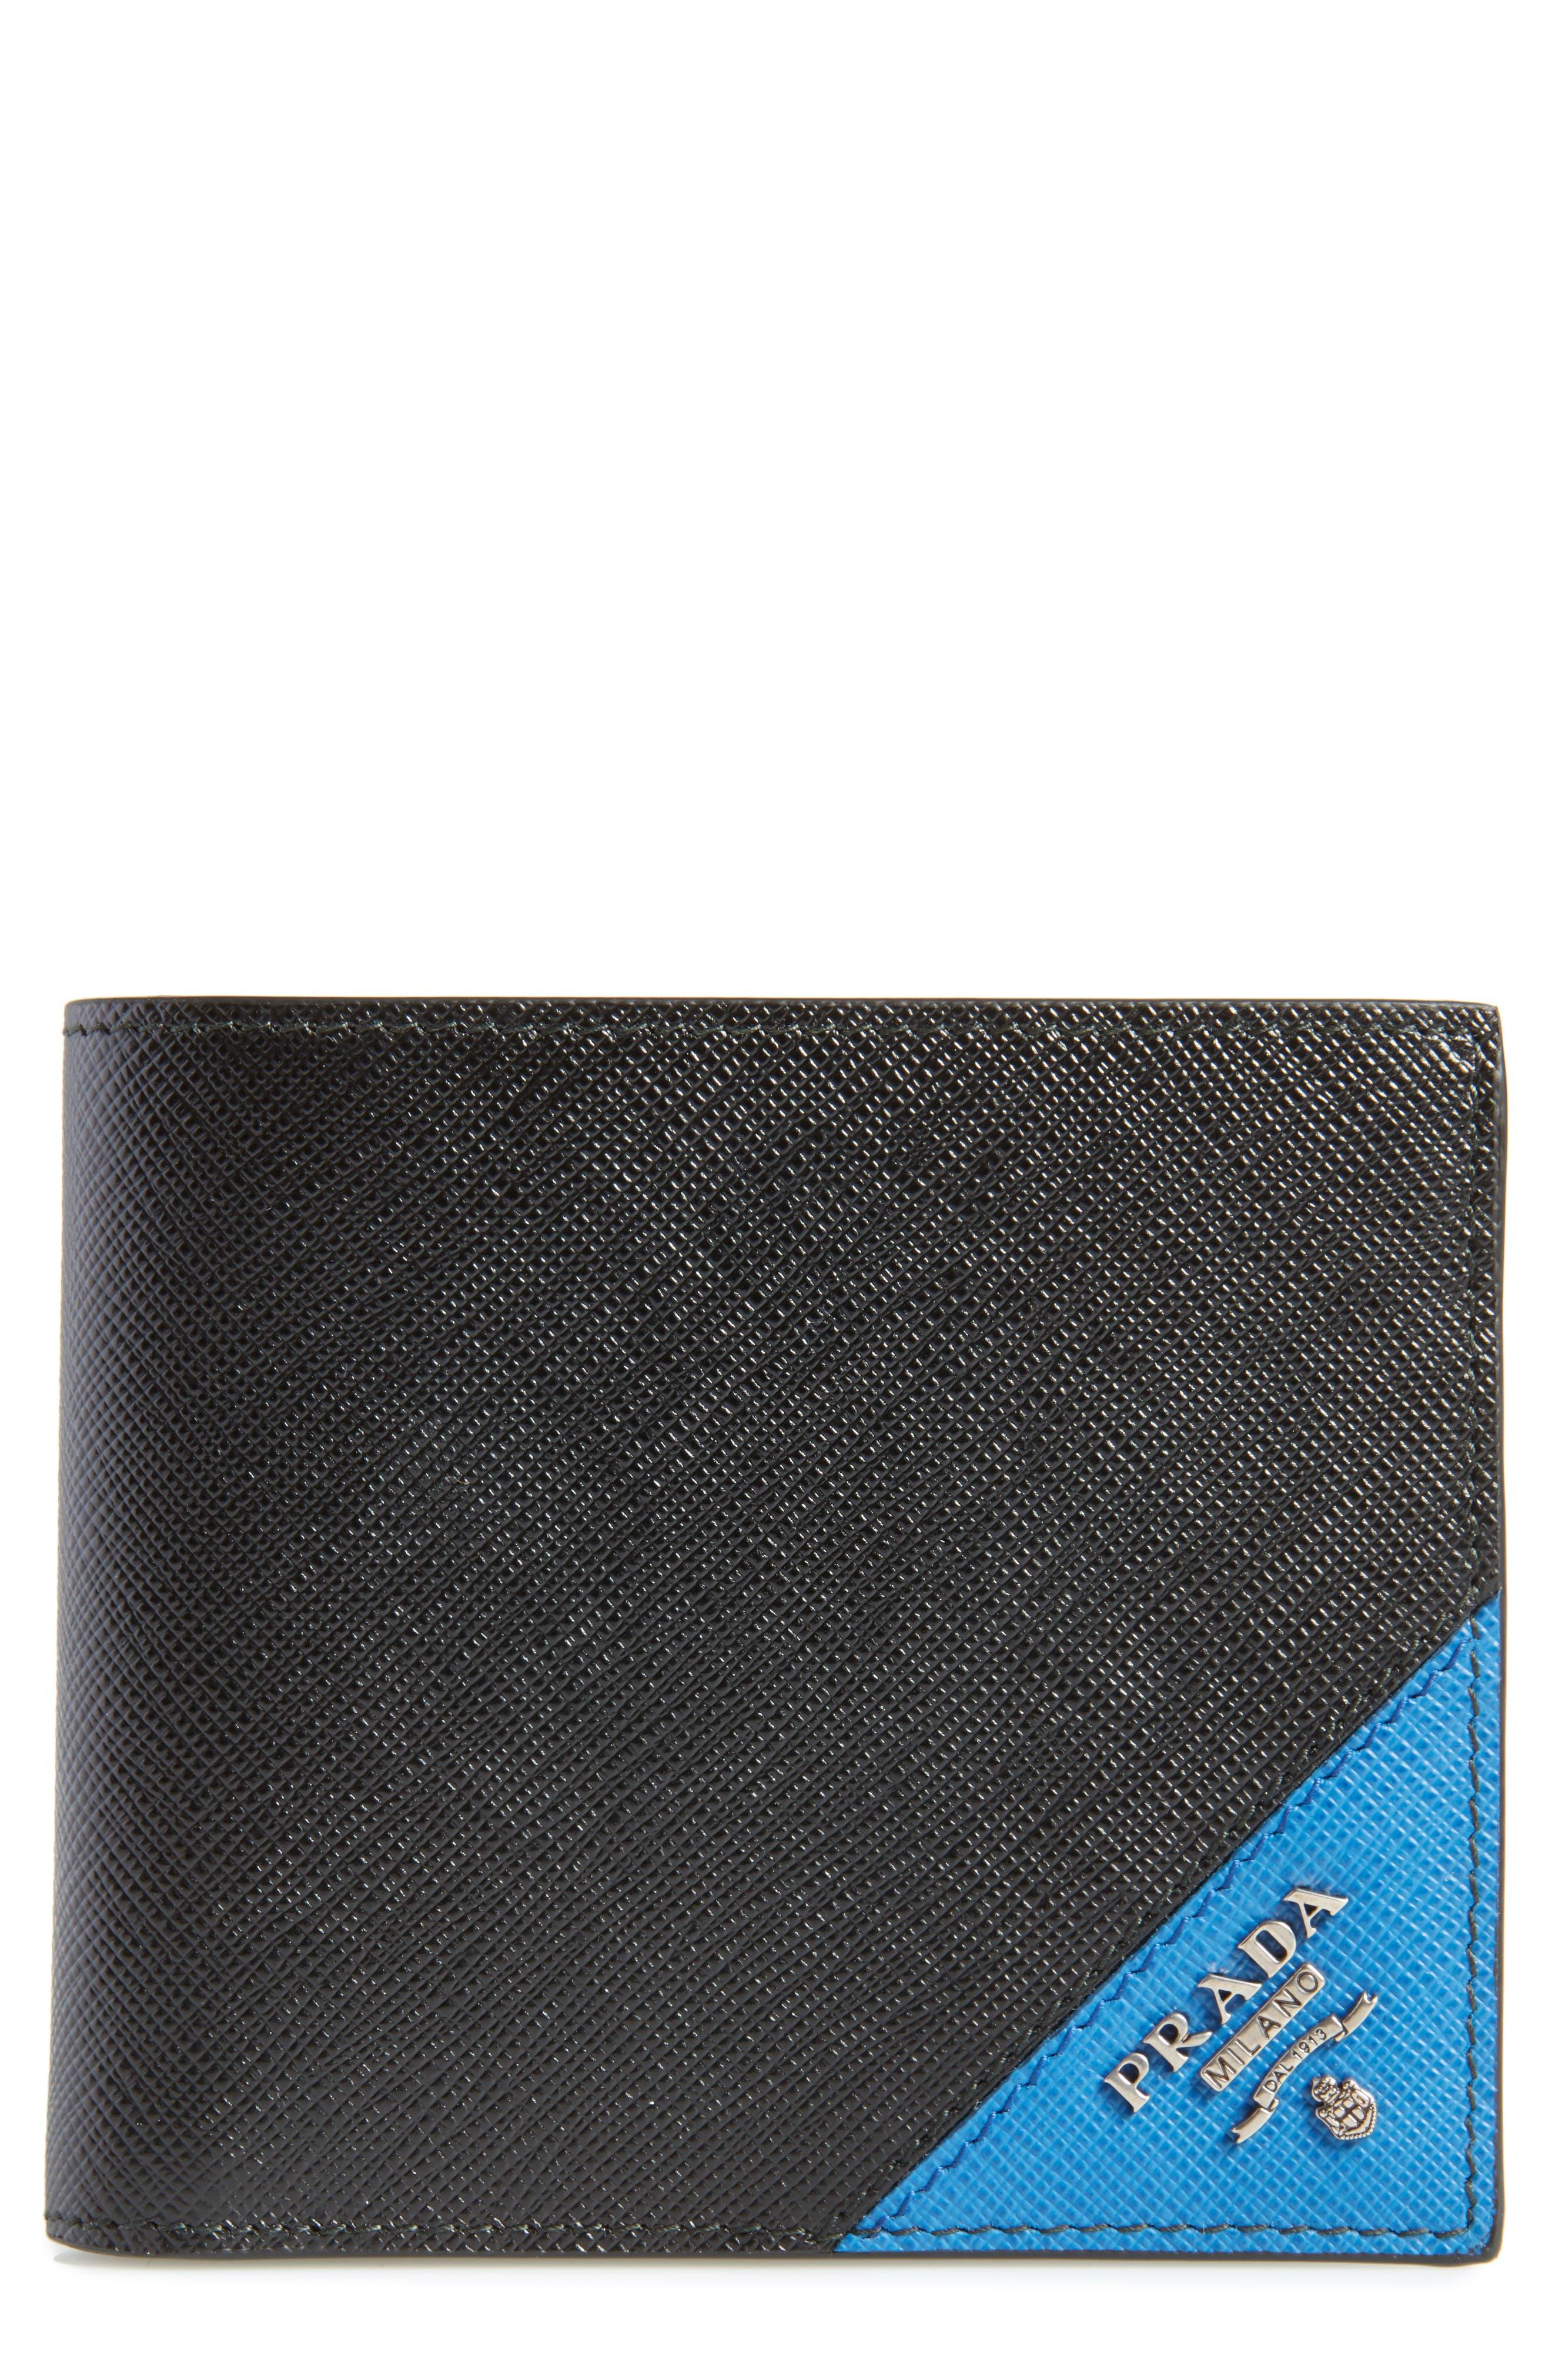 Saffiano Leather Billfold Wallet,                         Main,                         color, Nero/ Azzurro